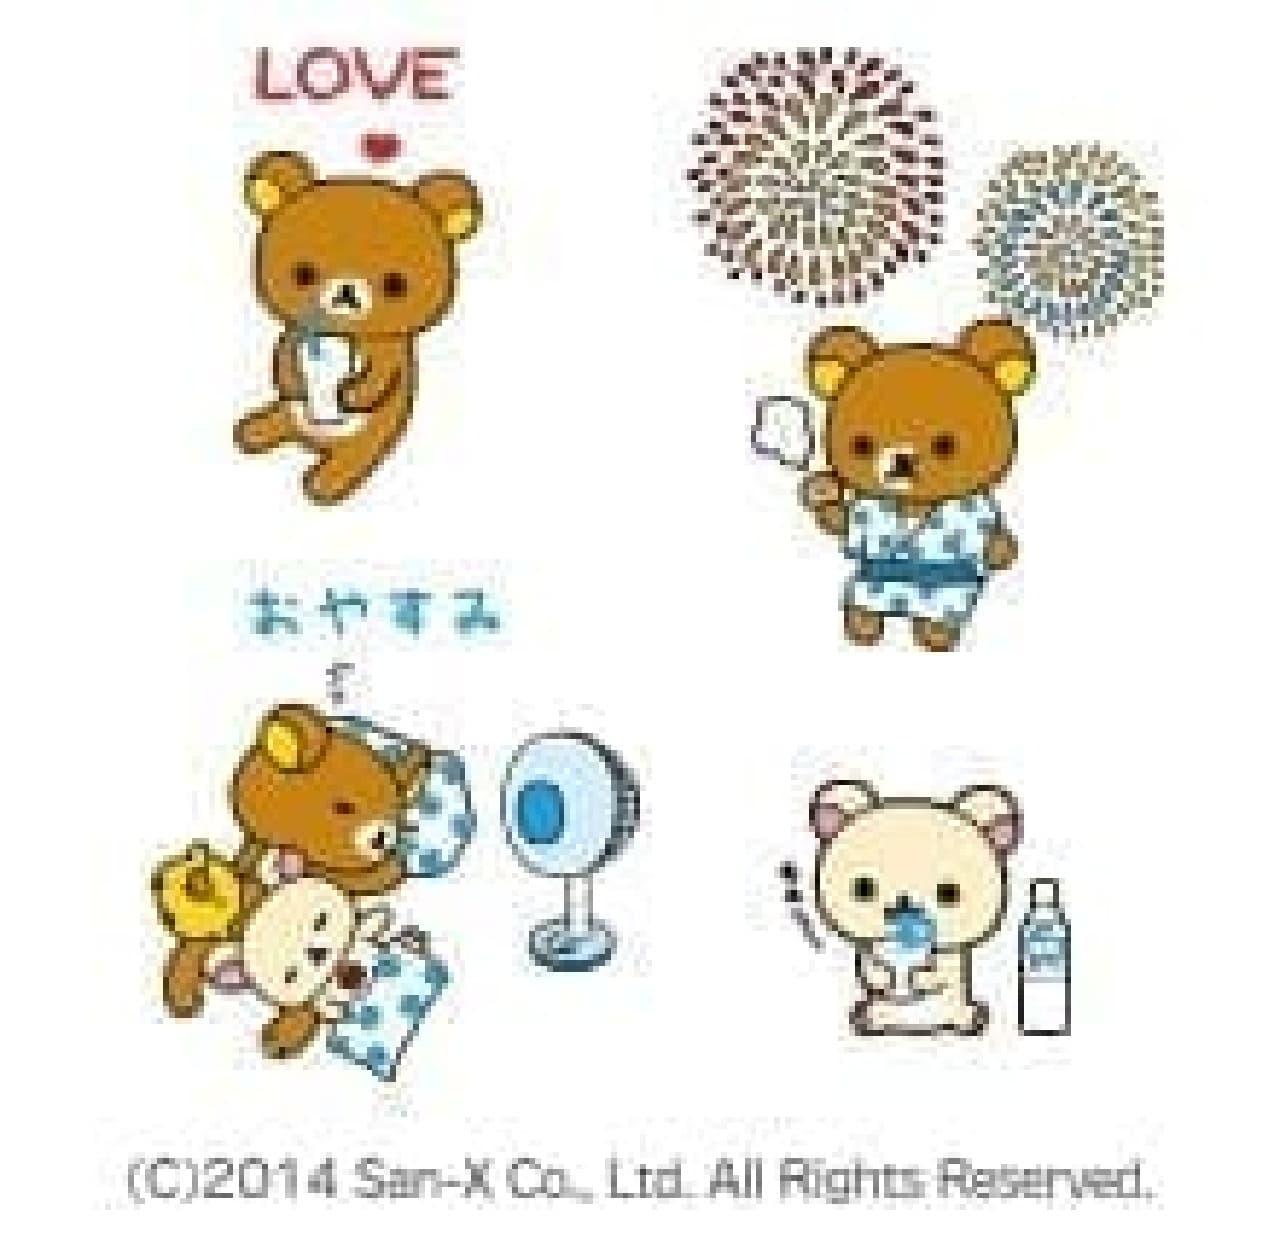 スタンプは全8種類 、夏のリラックマがかわいい!  (C)2014 SAN-X CO.,Ltd.ALL RIGHTS RESERVED.